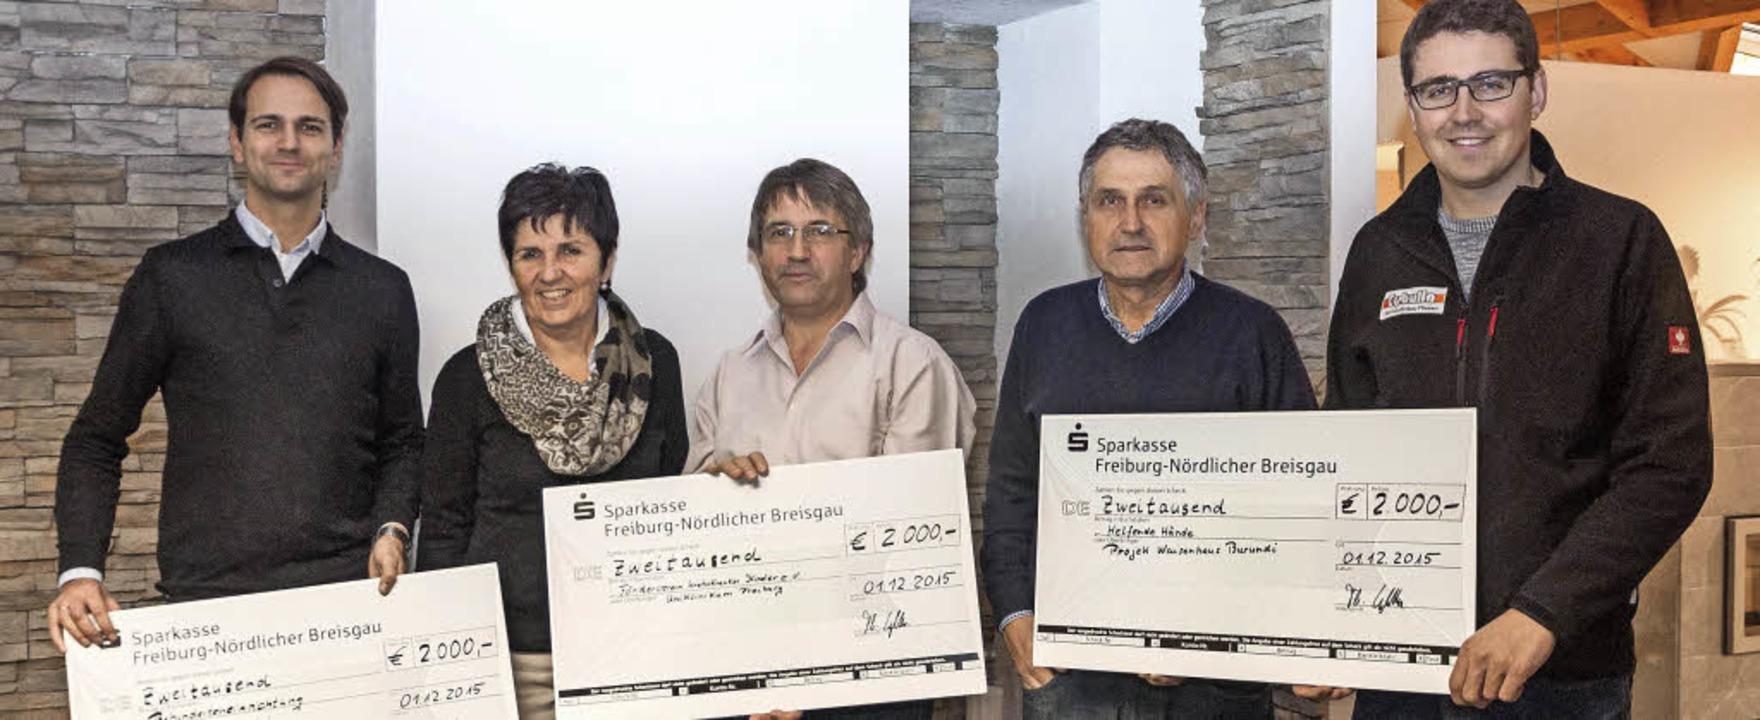 Spendenübergabe in den Räumen der Firm...Thomas und Niklas Cybulla (von links).  | Foto: Helmut Rothermel